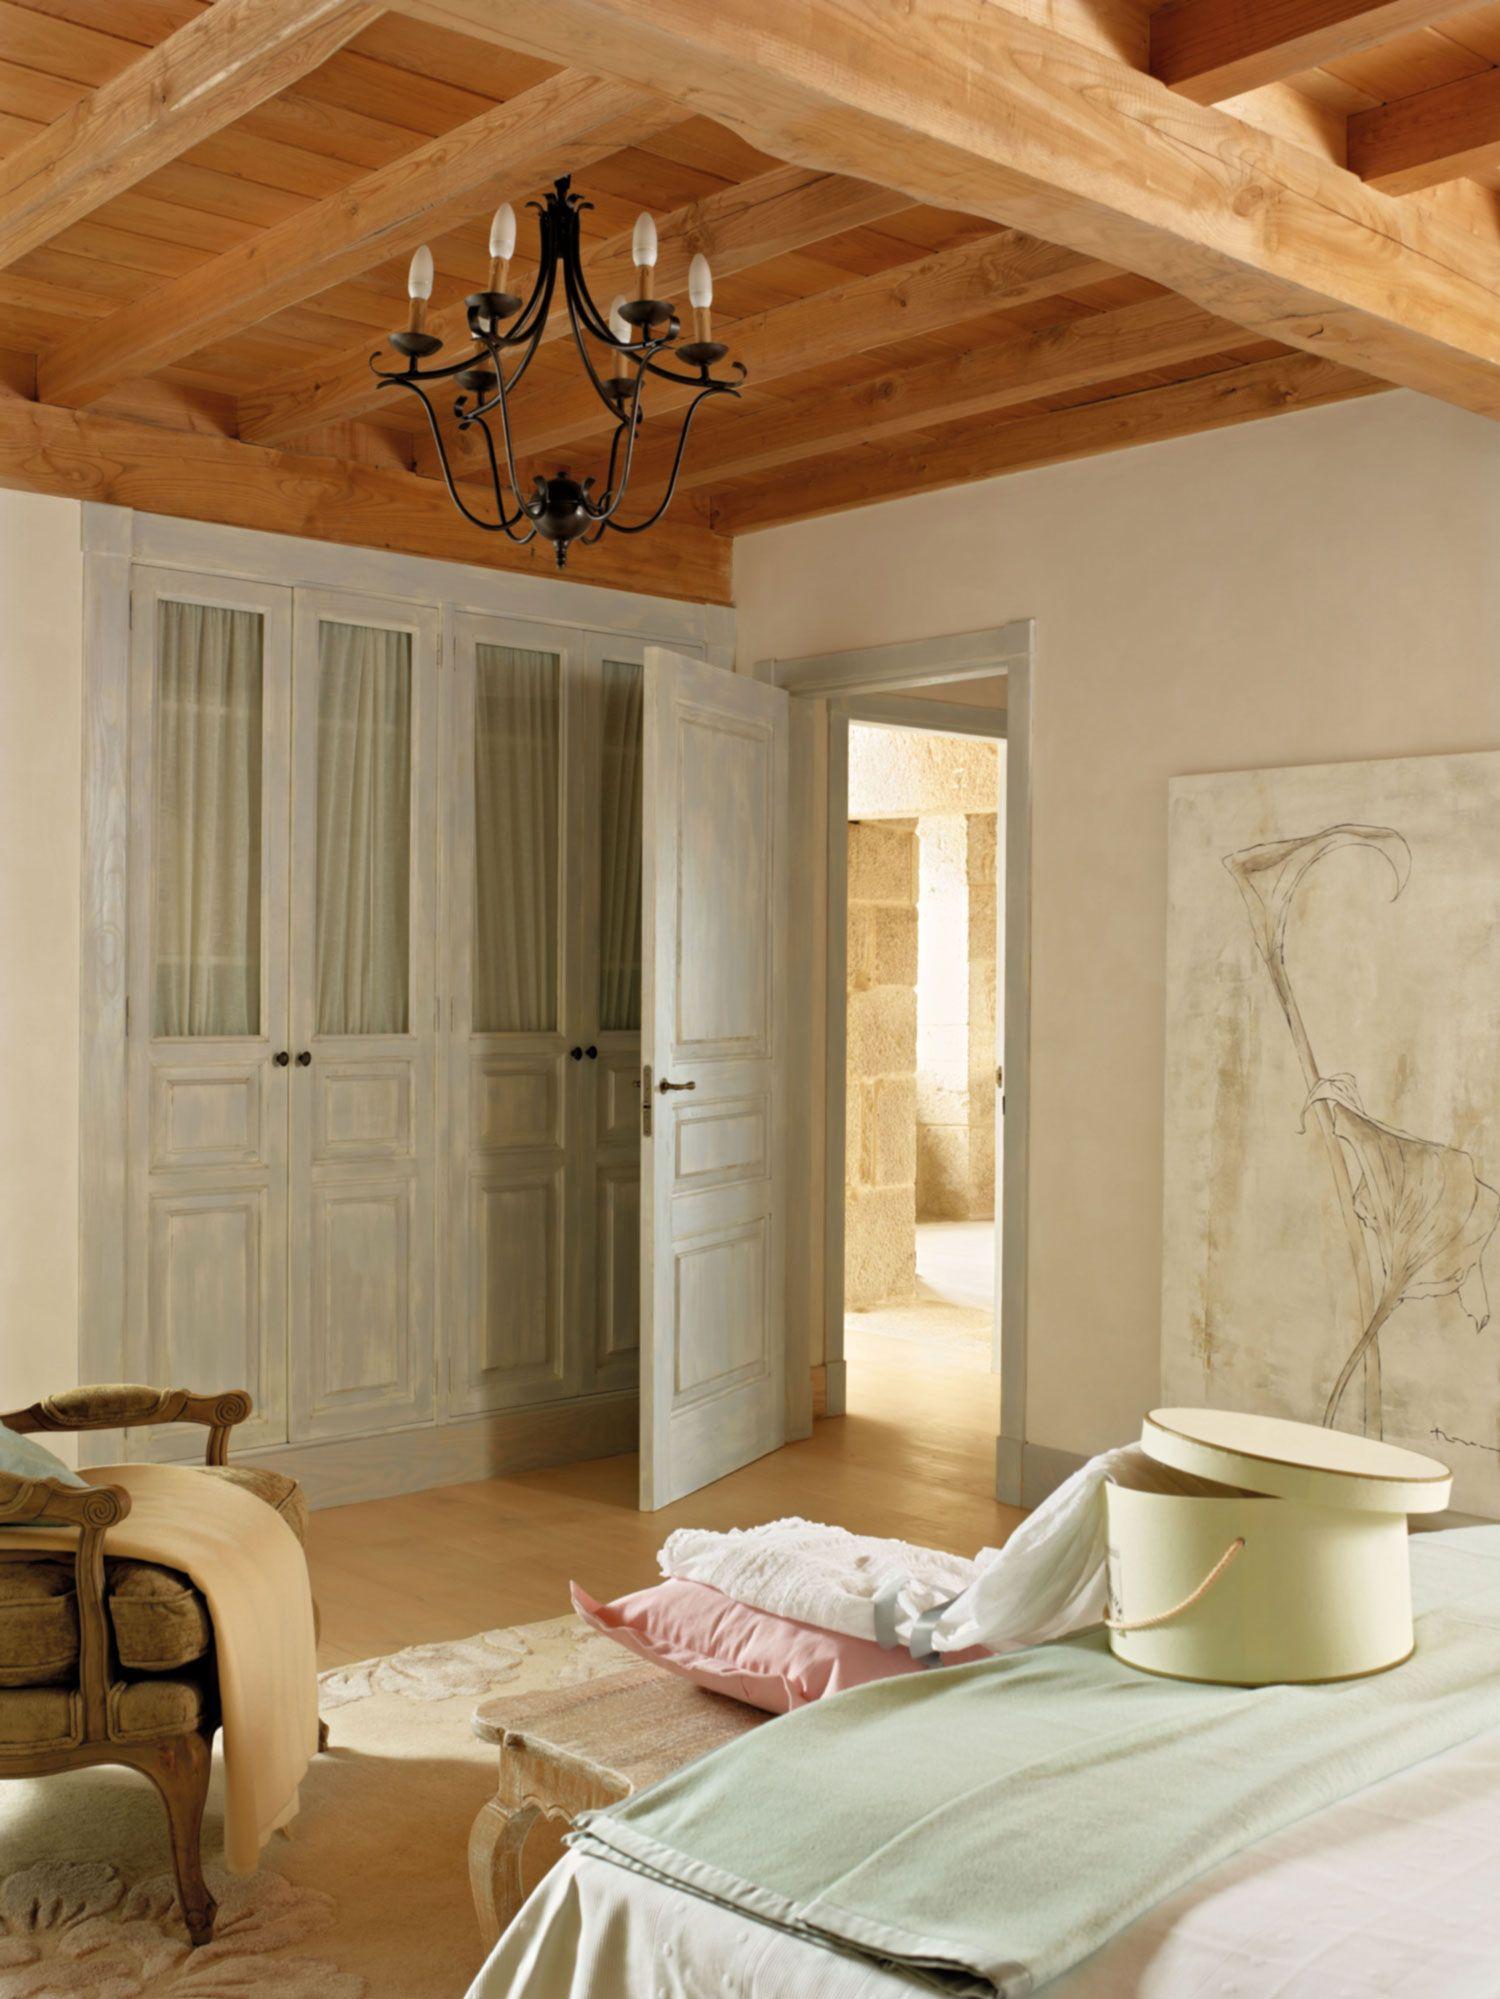 Ba o zona de relax dormitorio r stico casas r sticas for Cortinas para banos rusticos